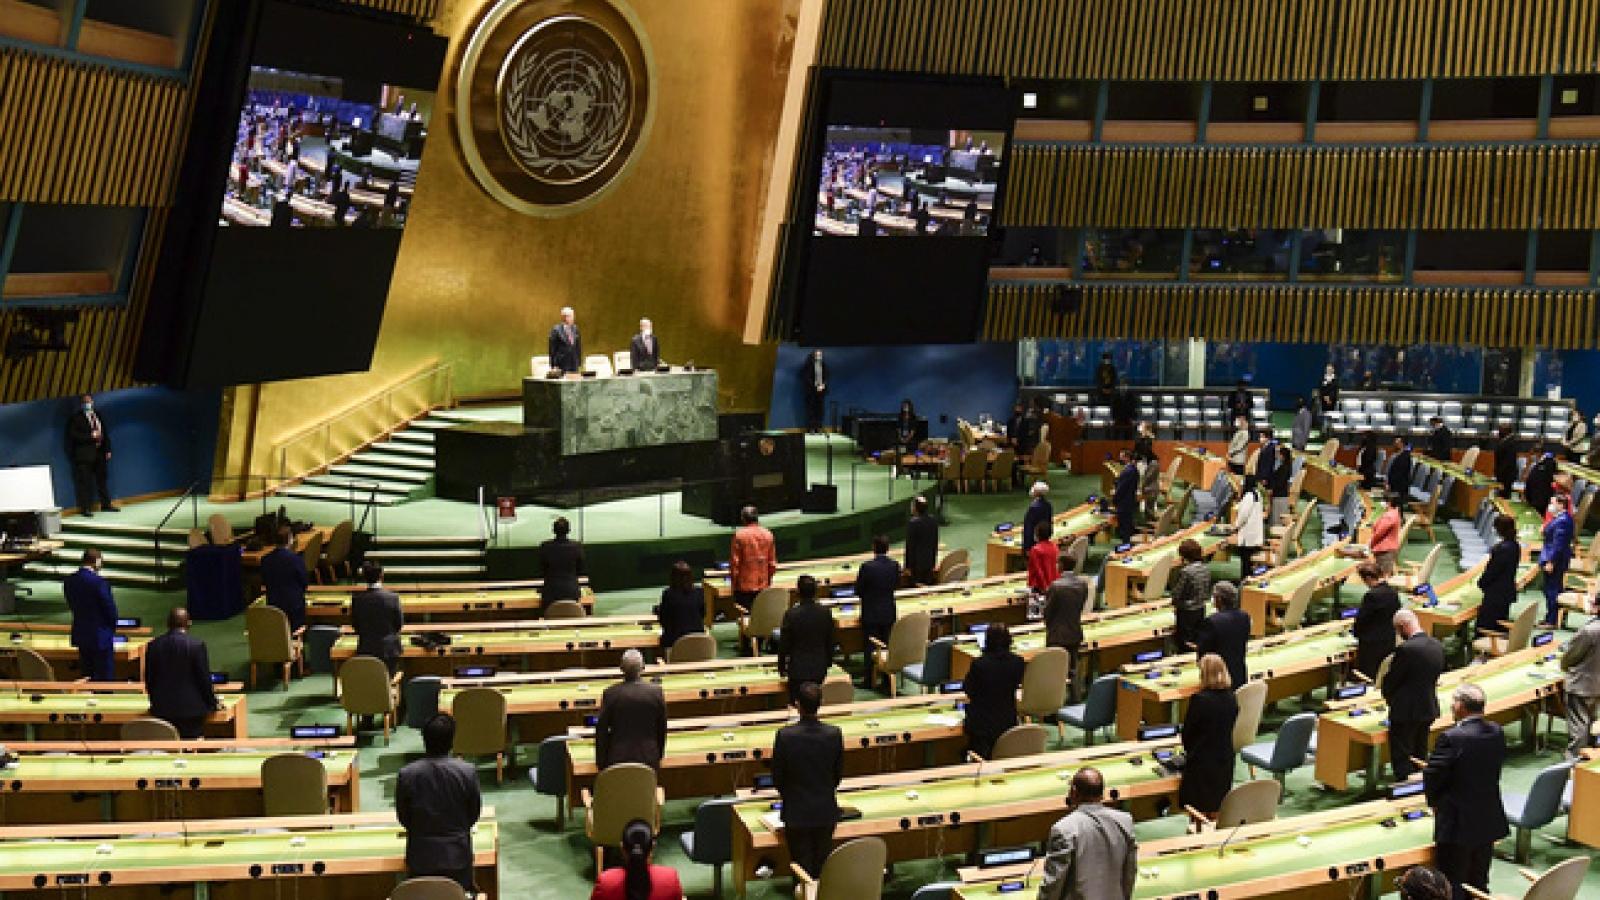 Khai mạc tuần lễ cấp cao khóa 75 Đại hội đồng Liên Hợp Quốc